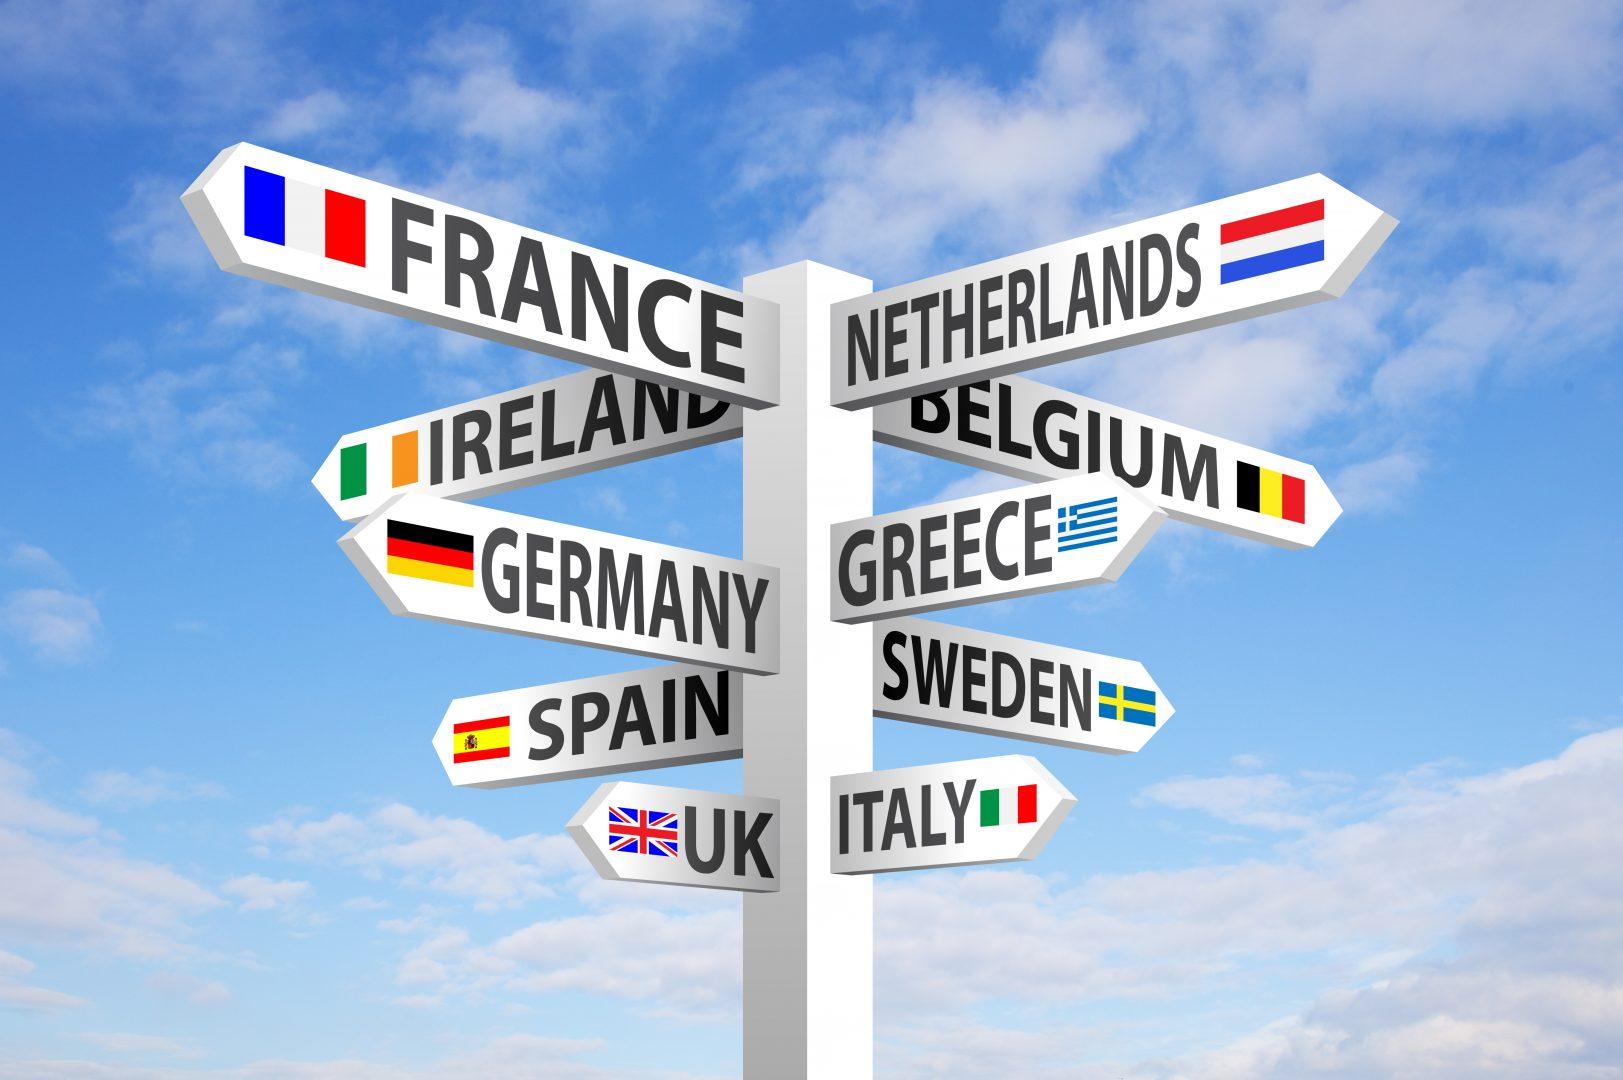 Bilan mitigé sur l'homogénéisation européenne des marchés de capacité